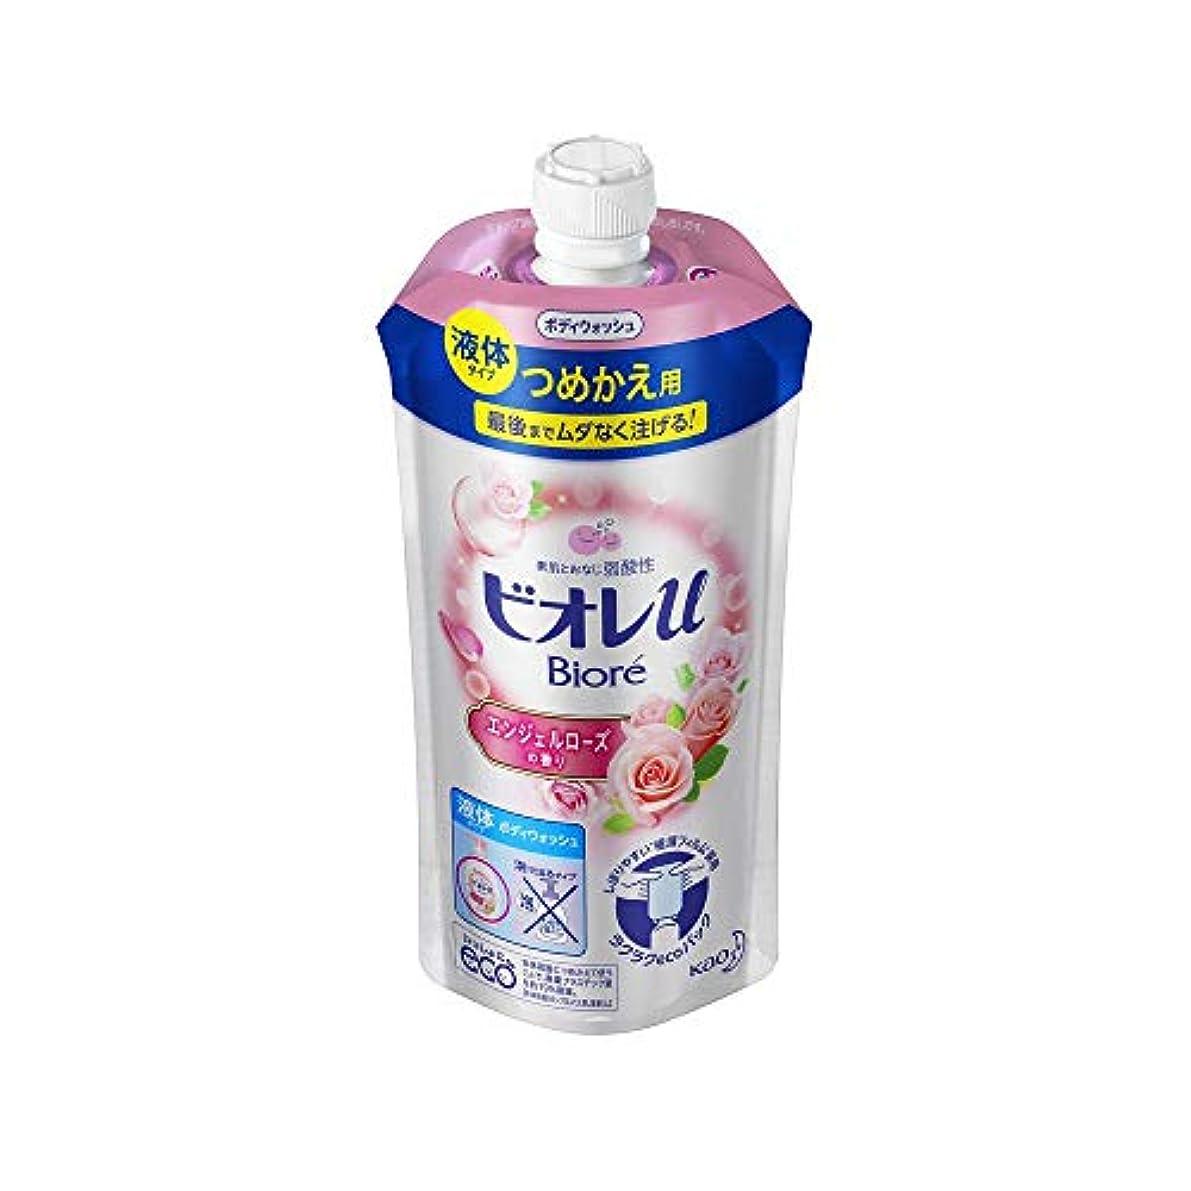 地殻悪魔保持する花王 ビオレu エンジェルローズの香りつめかえ用 340ML